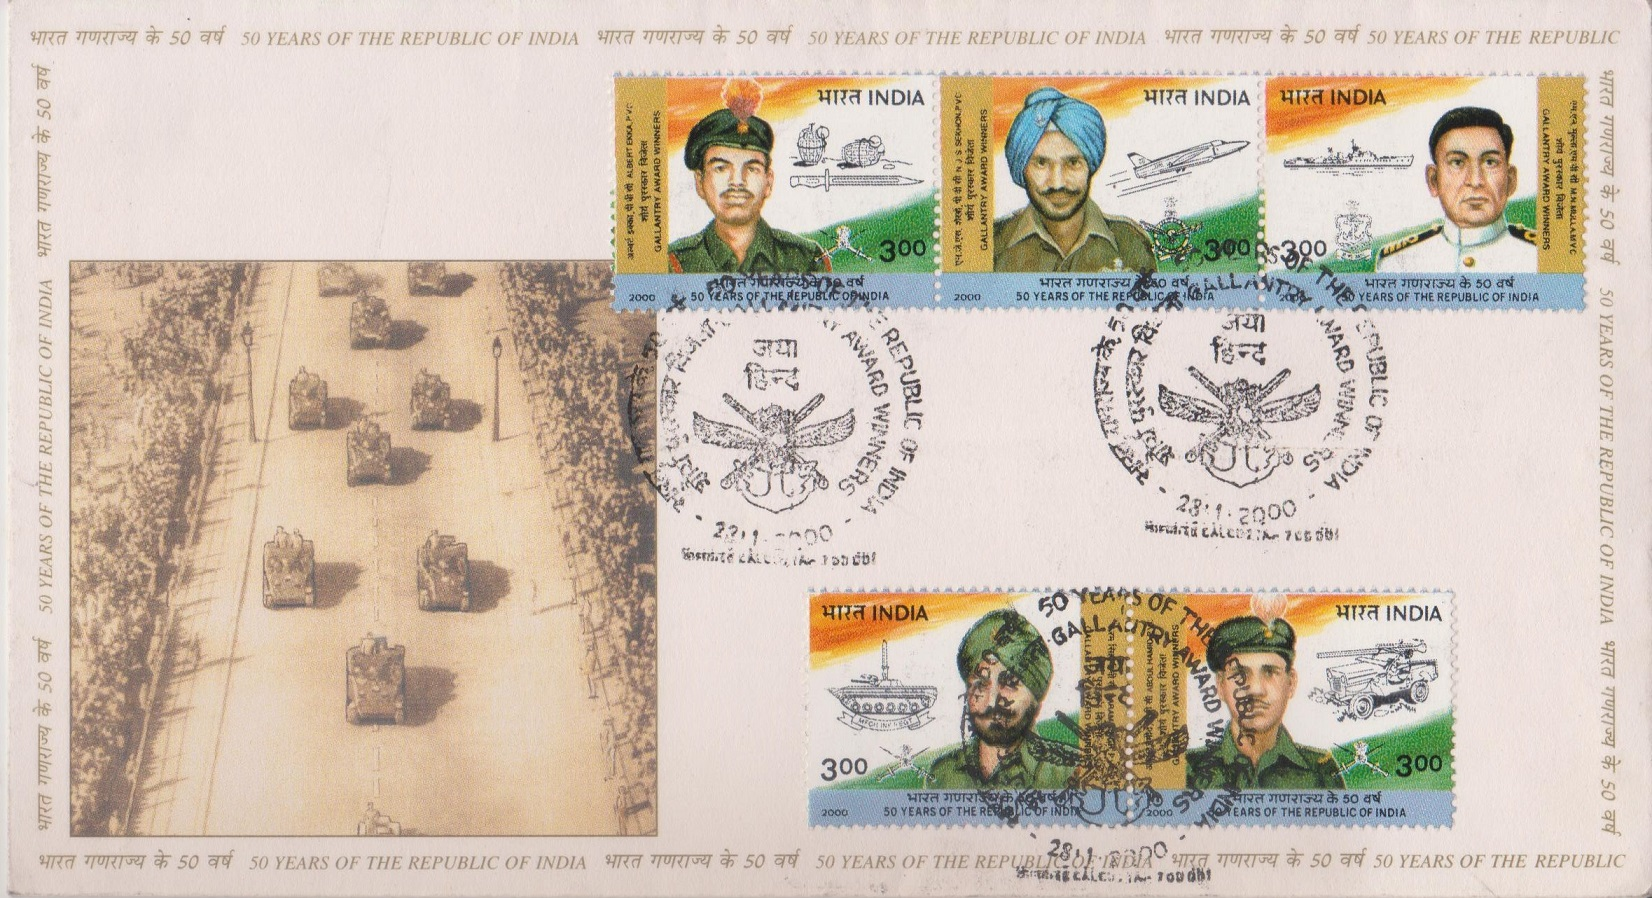 करम सिंह, अब्दुल हमीद, अलबर्ट एक्का, निर्मल जीत सिंह सेखों, महेंद्रनाथ मुल्ला